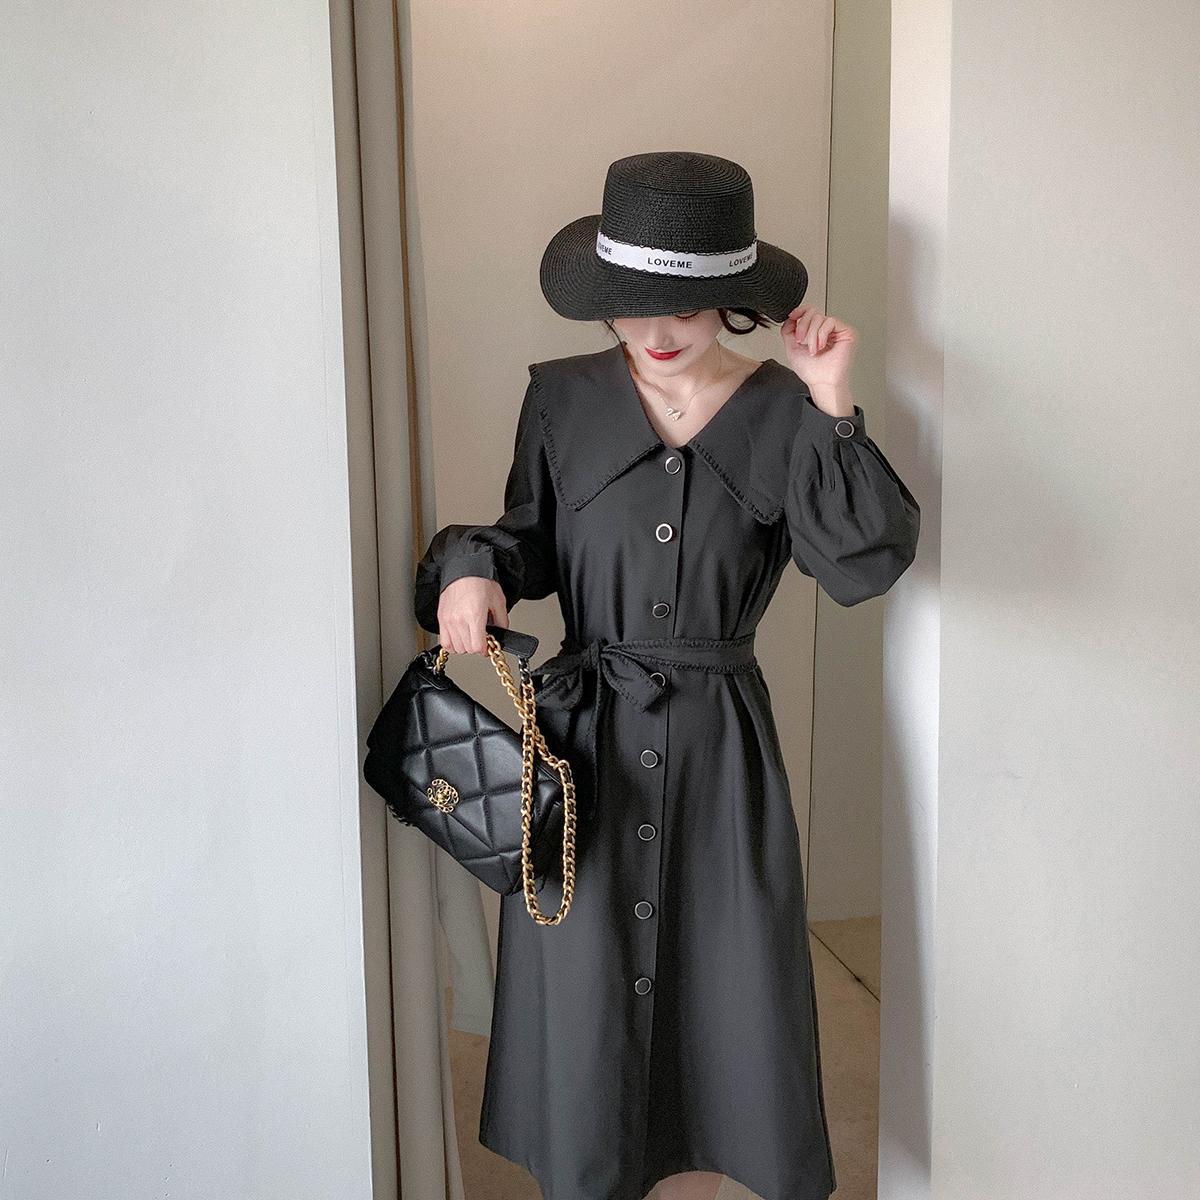 胡月明定制 赫本裙 气质翻领长裙女2020秋季新款显瘦黑色连衣裙图片